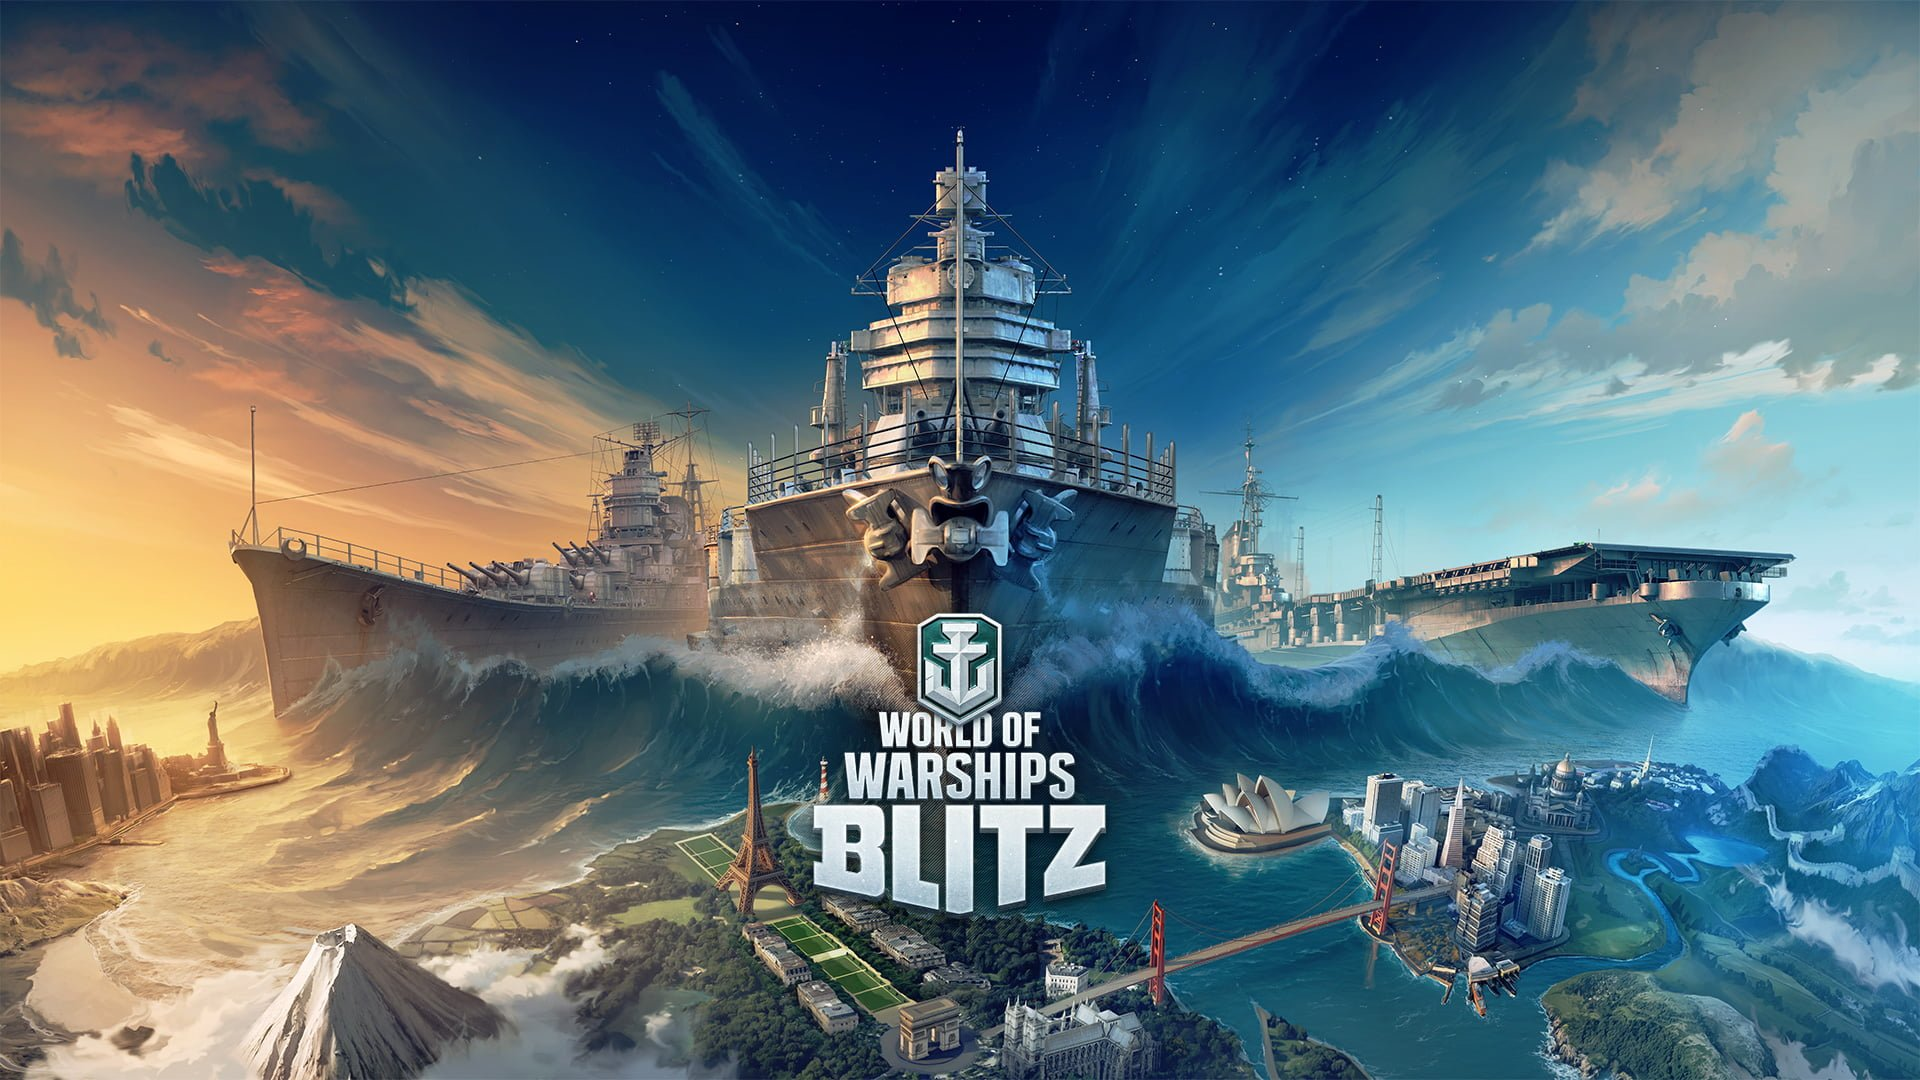 Recenzja World of Warships Blitz - ♬znów bijatyka, znów bijatyka, bijatyka cały dzień♬ 19